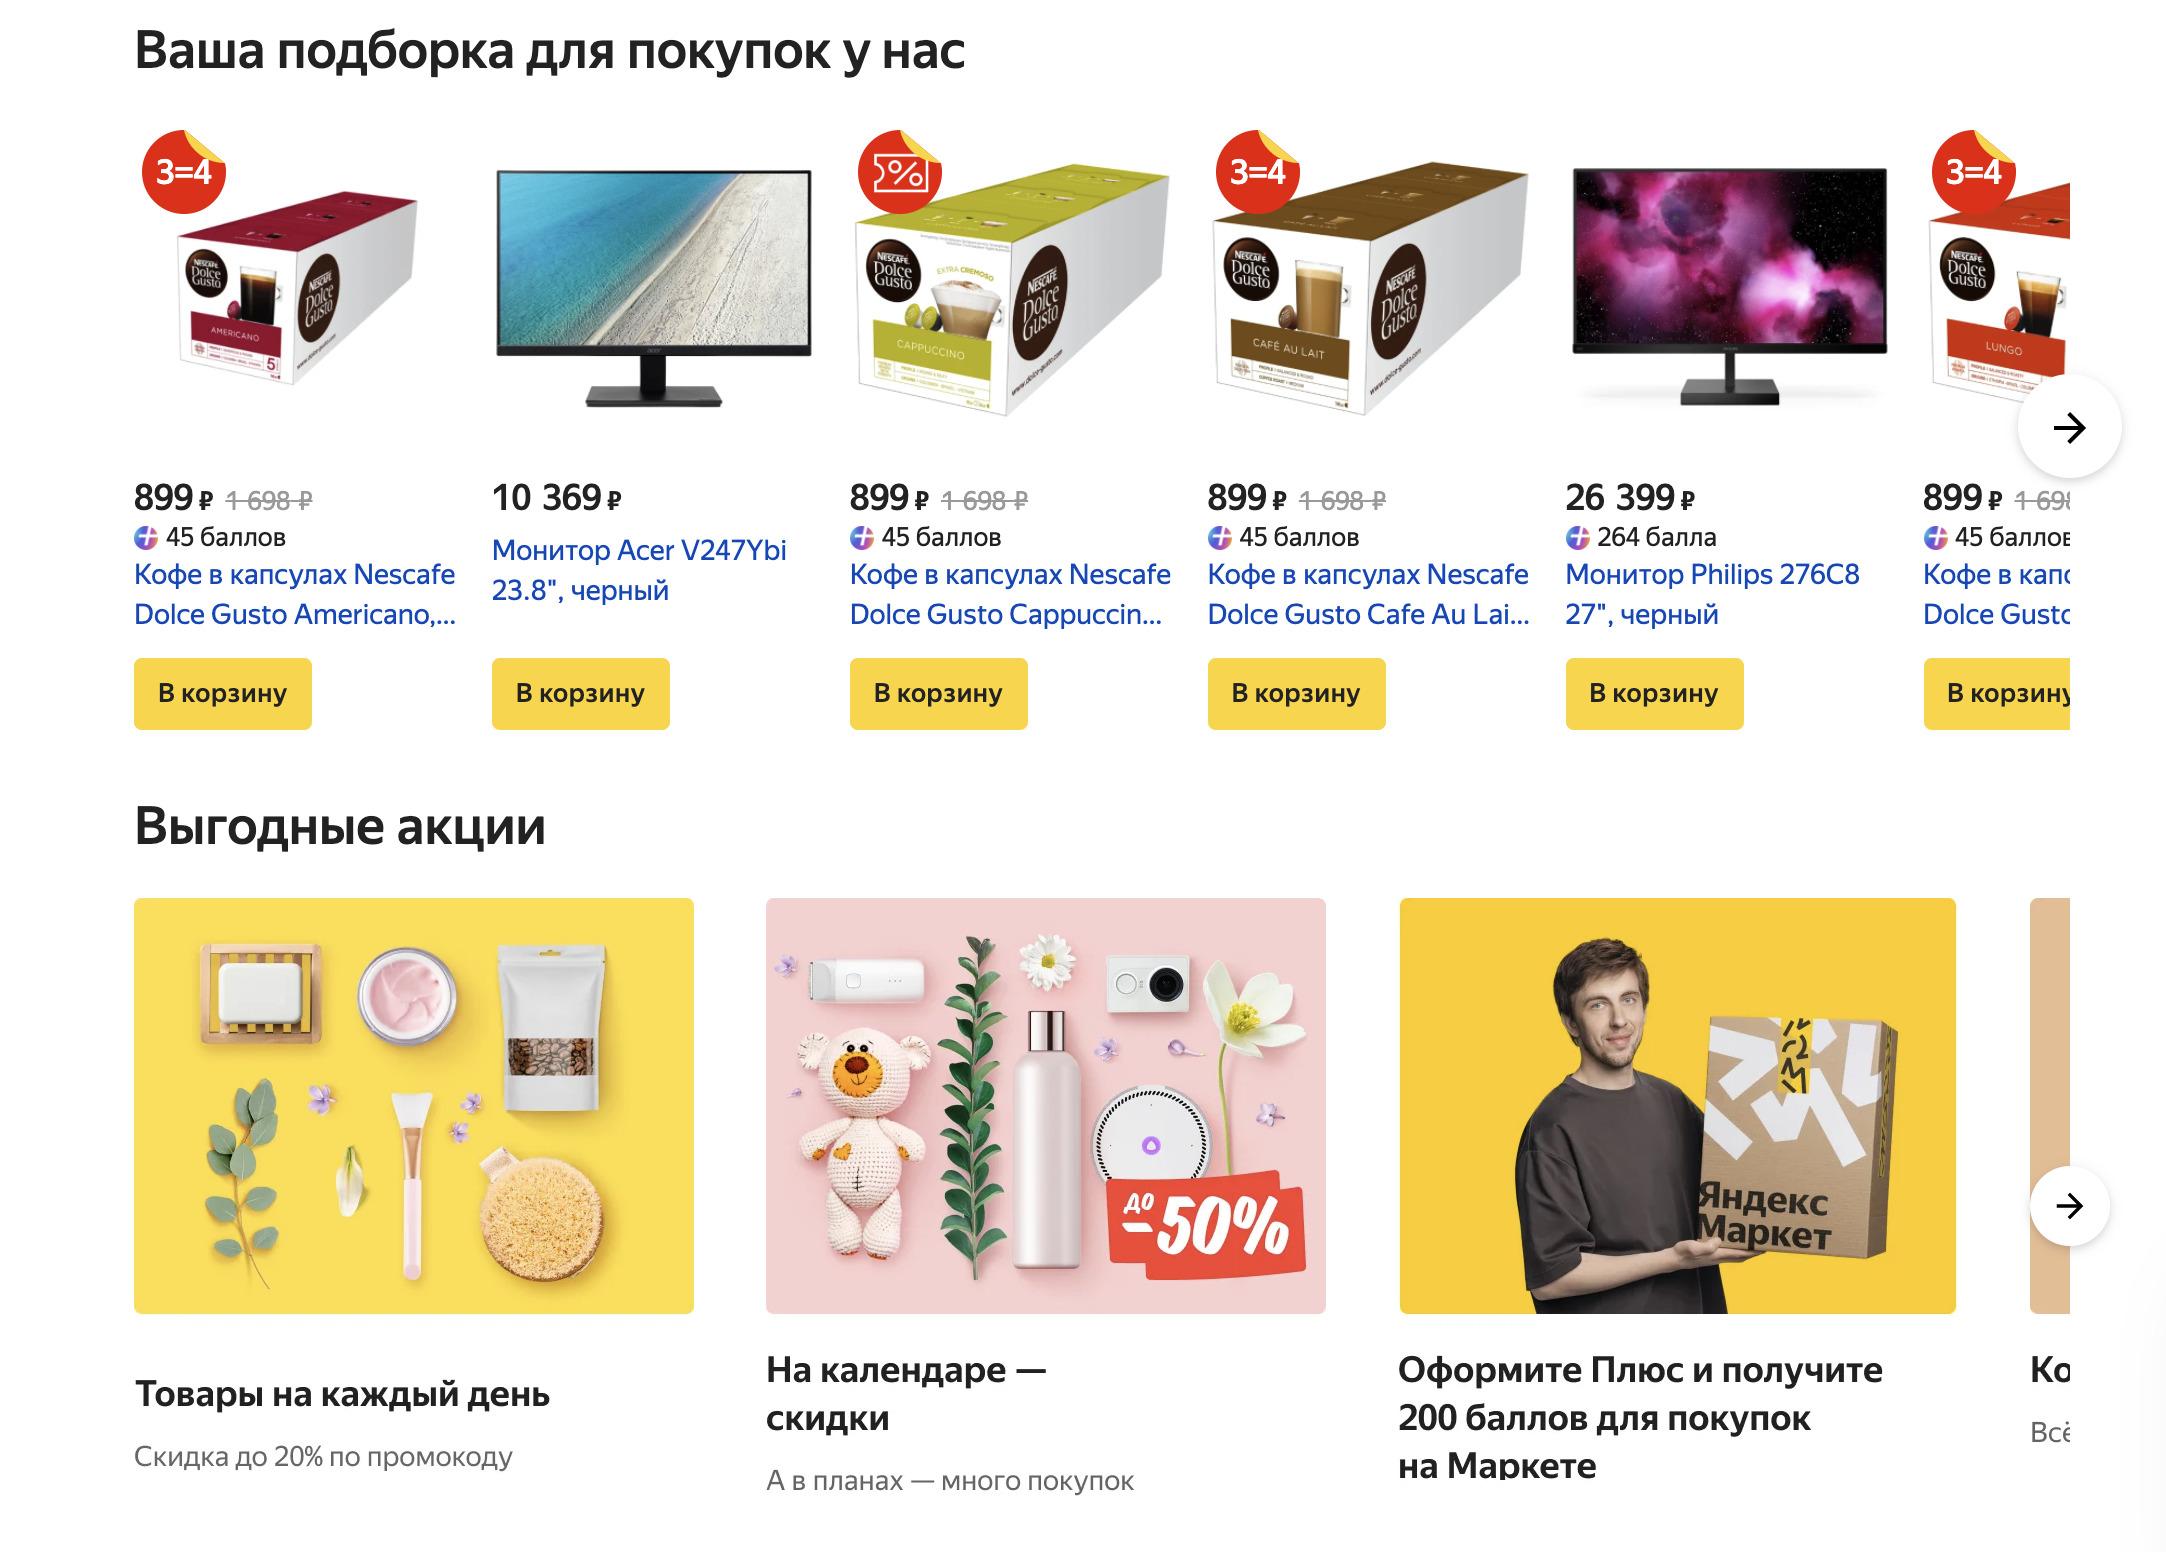 Доставка из Яндекс.Маркет в Курган, сроки, пункты выдачи, каталог